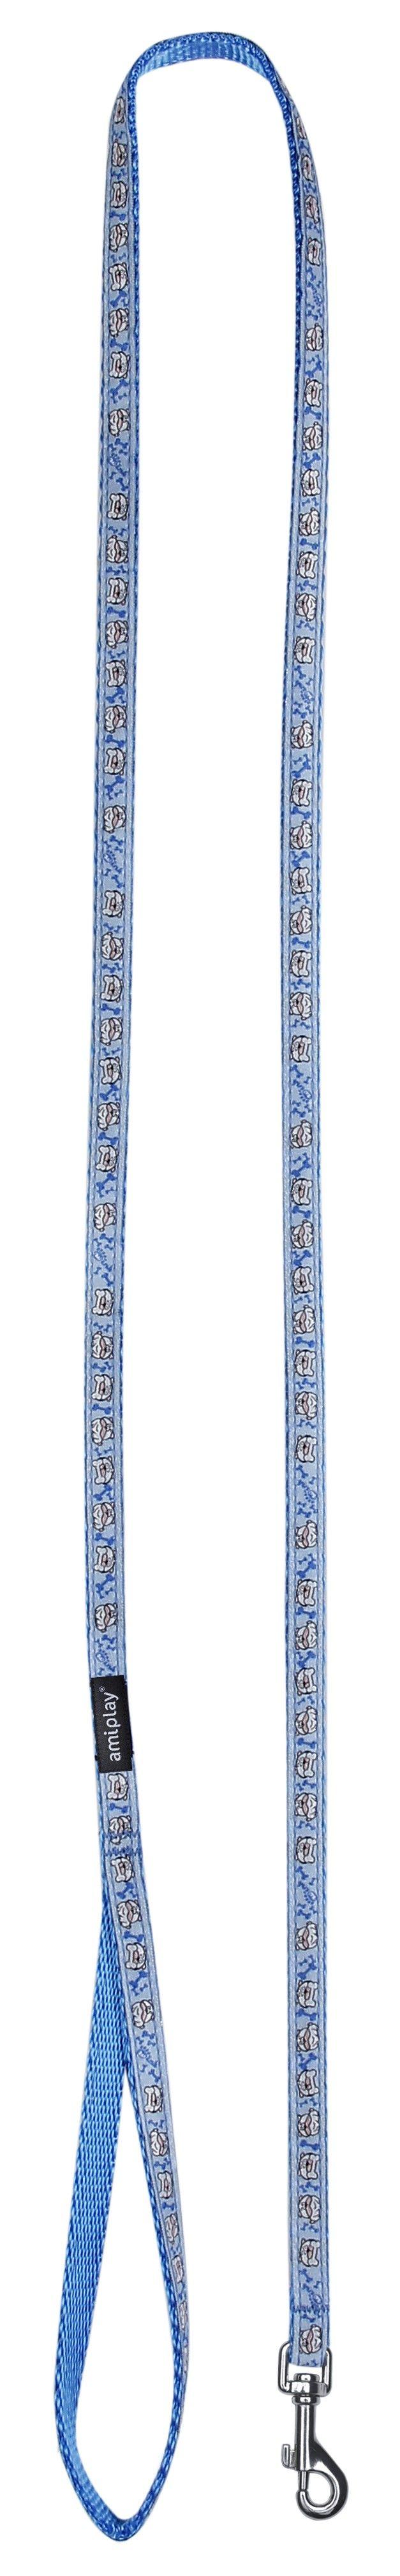 Amiplay Wink leash blue